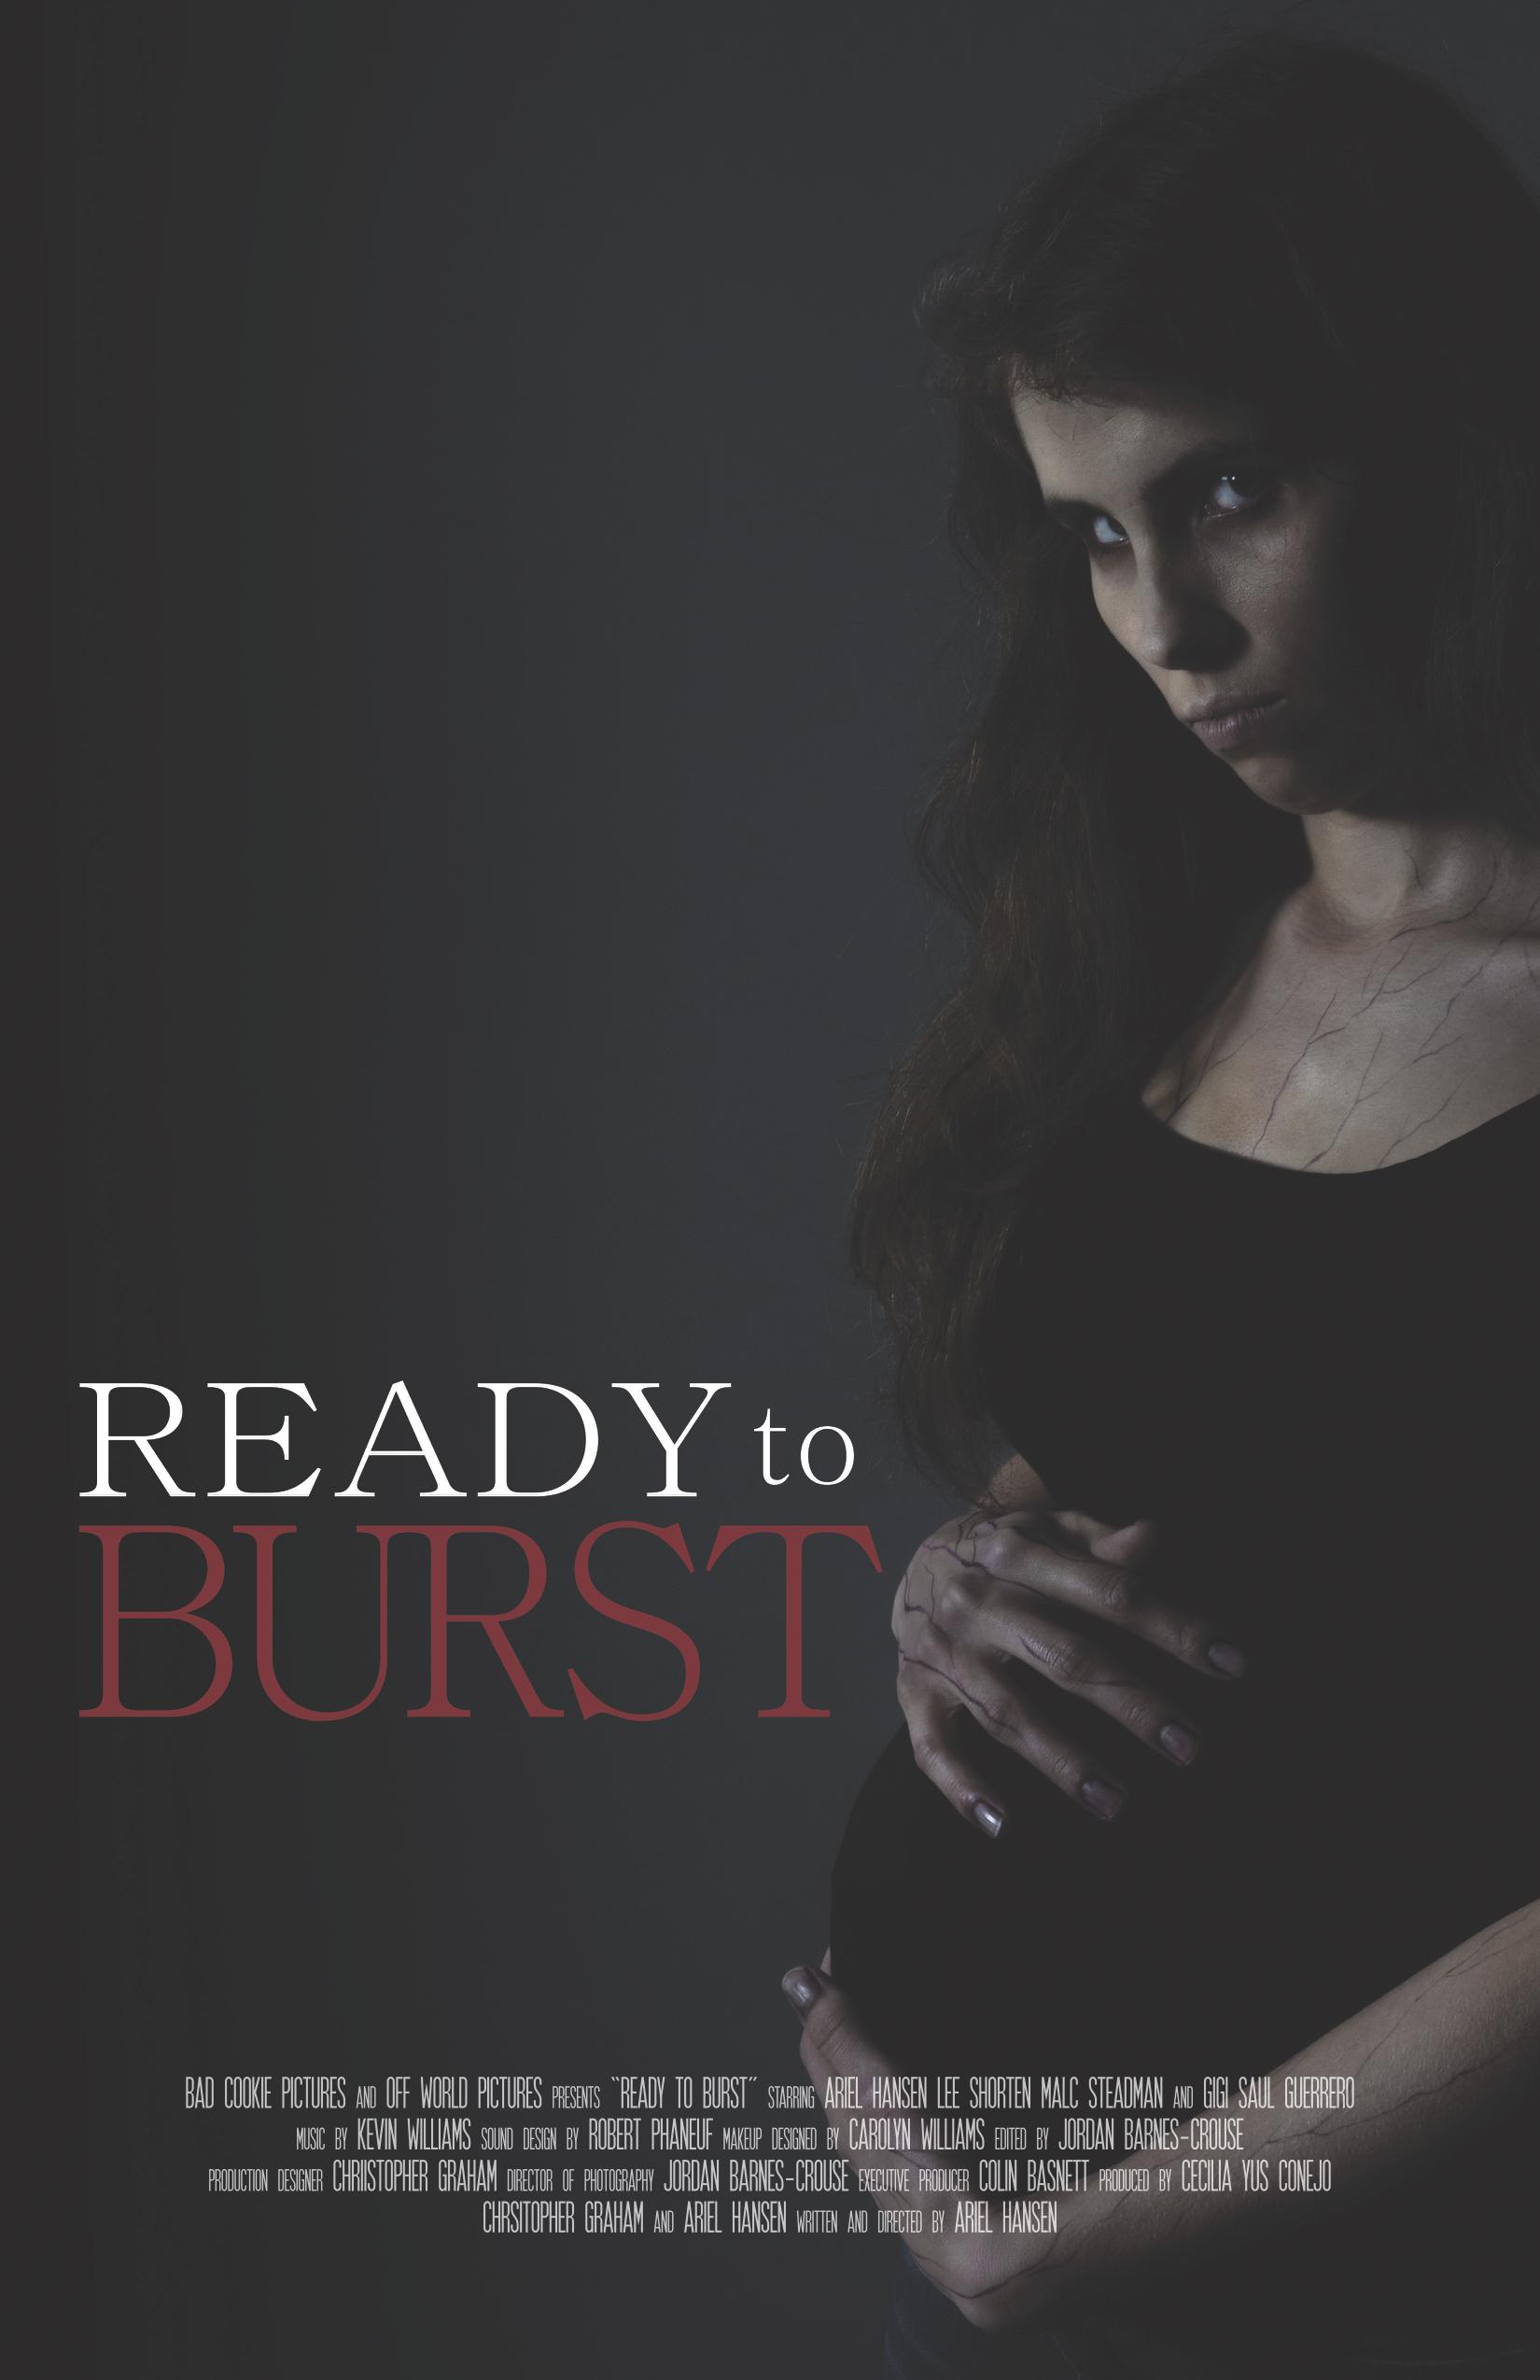 ReadyToBurst-Credits.jpg